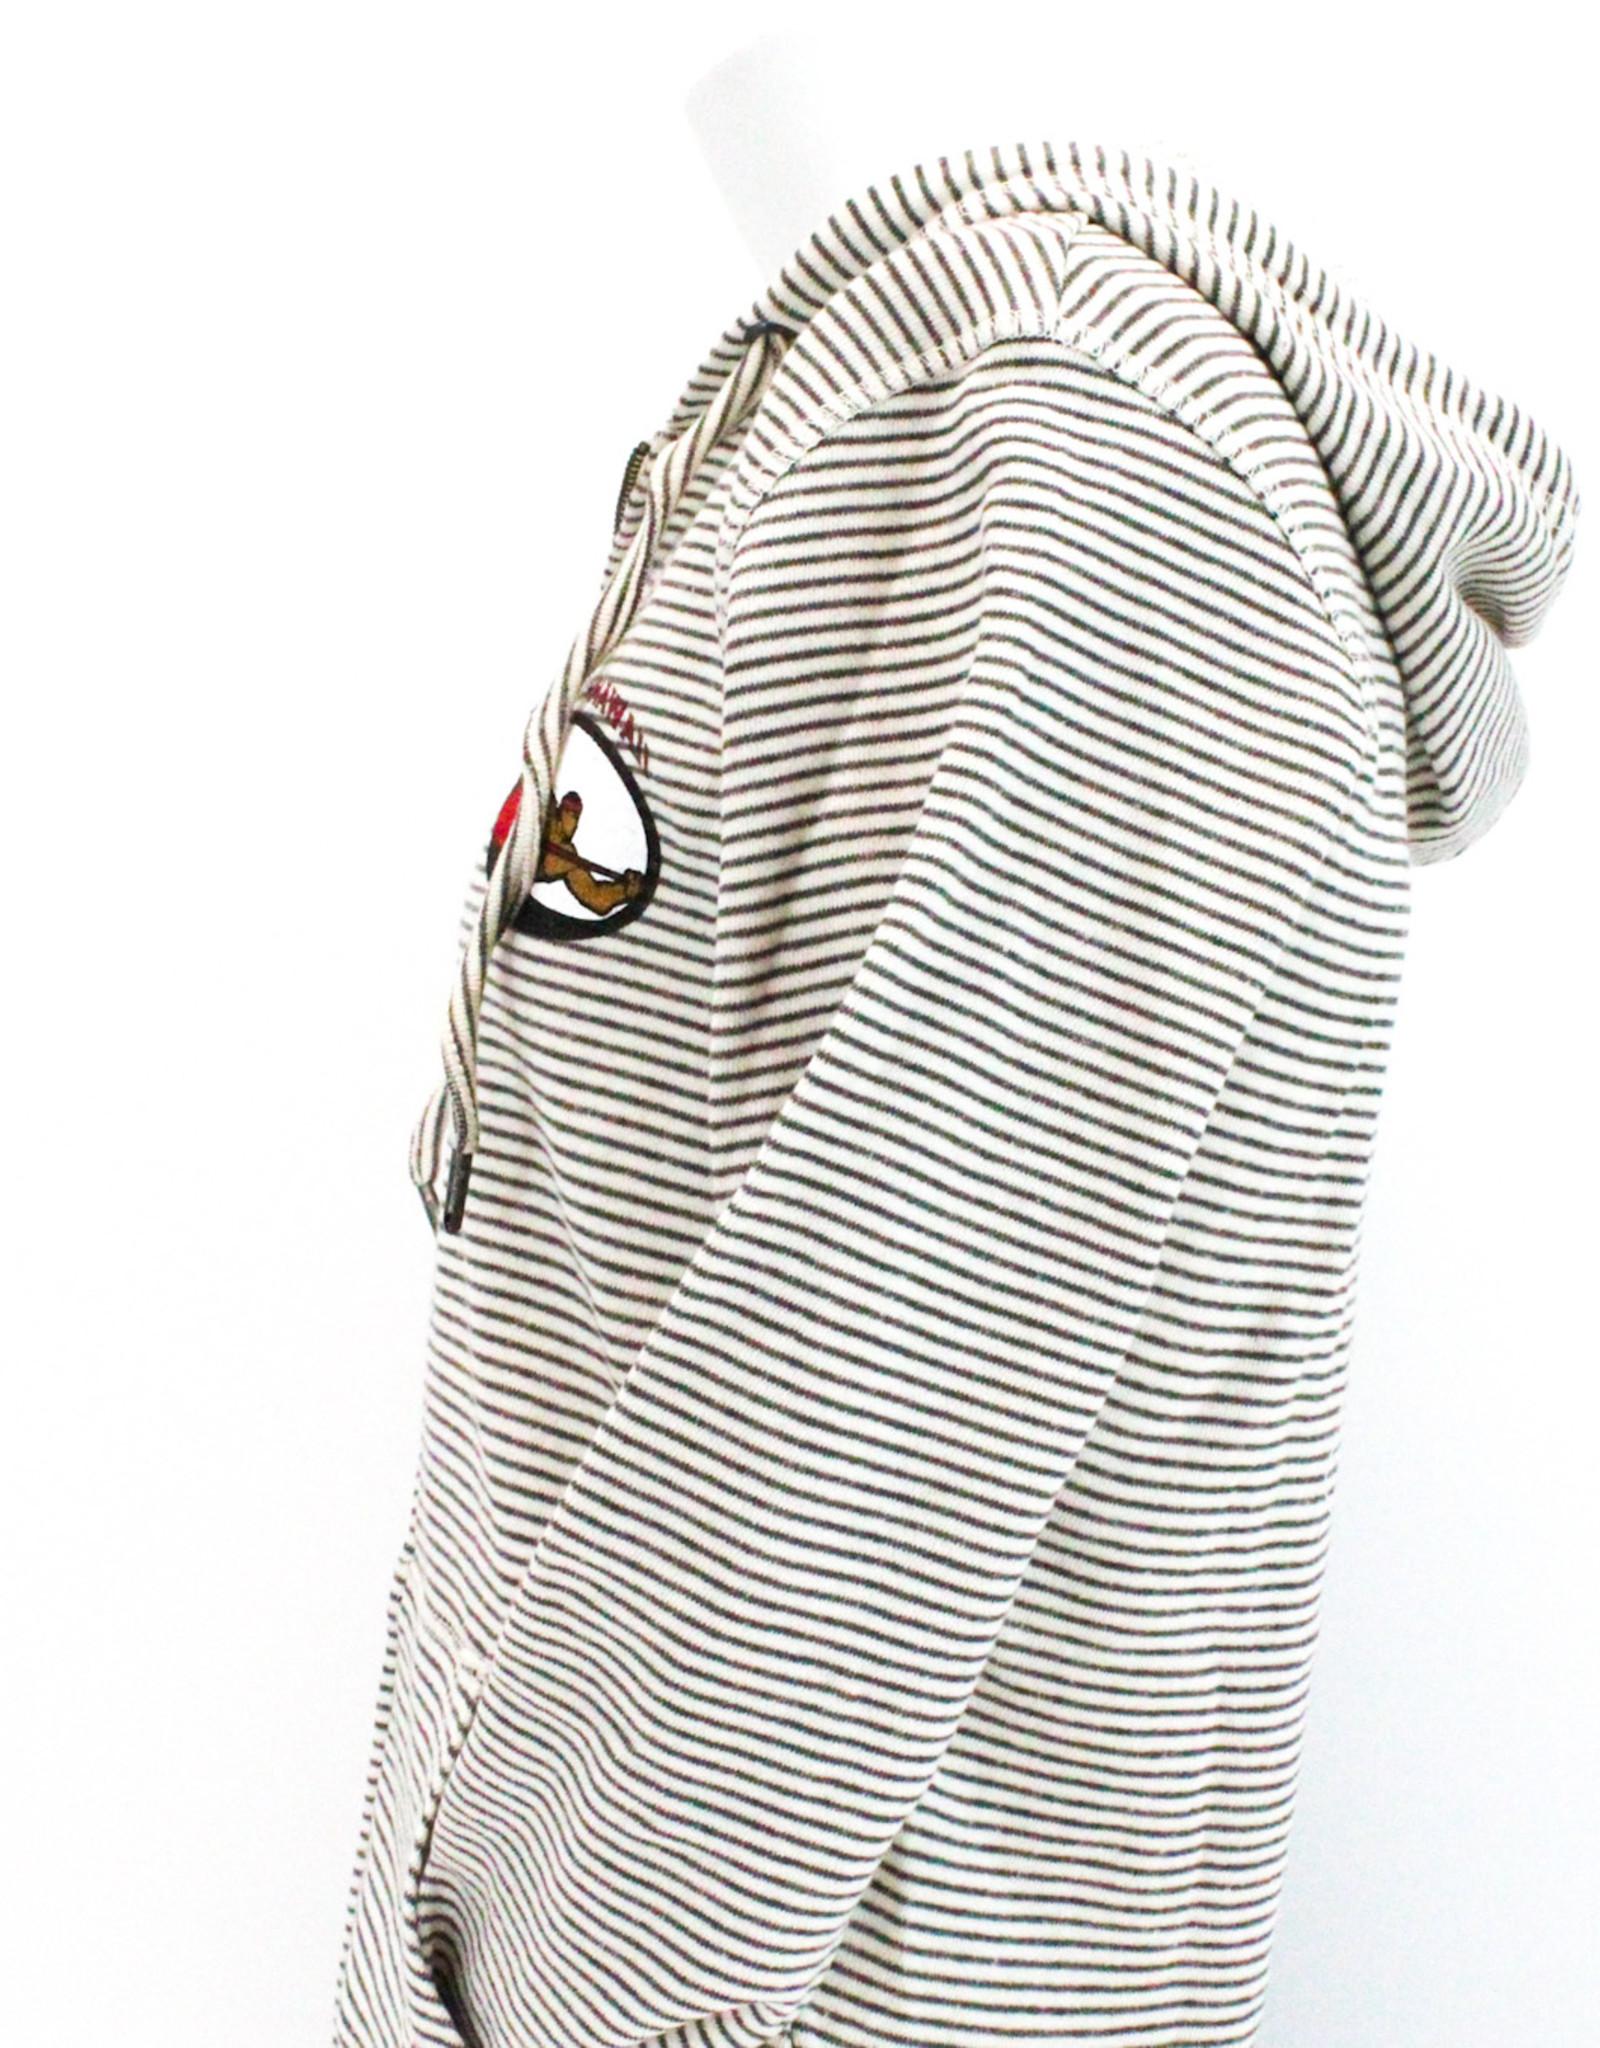 French Terry Full Zip Hoodie - Bone/Cinder